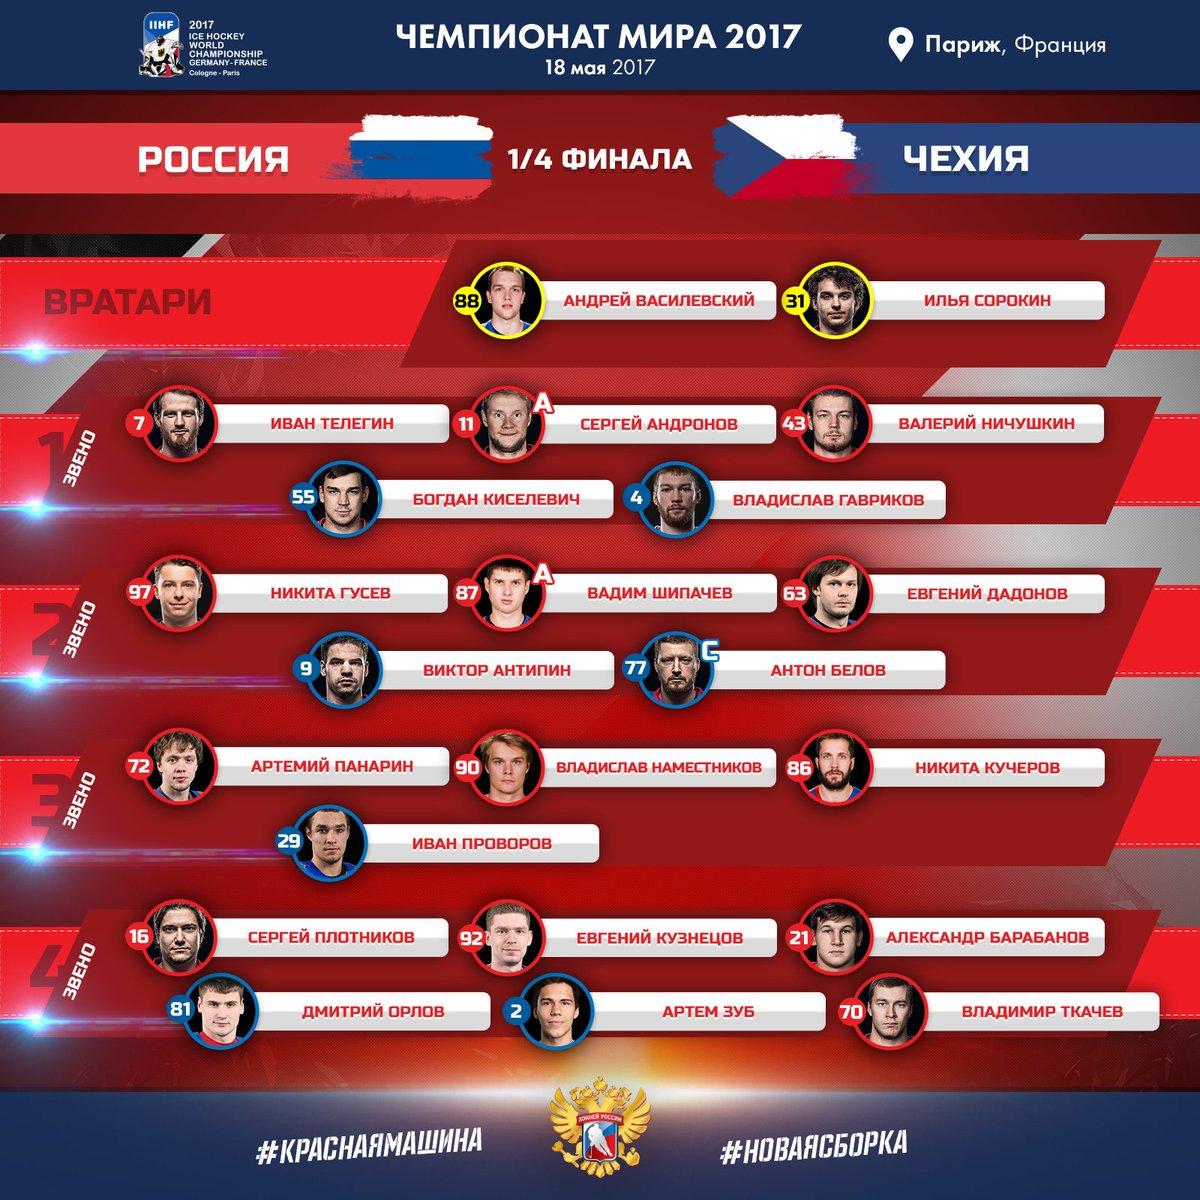 состав сборных на чм по хоккею 2017 недуг